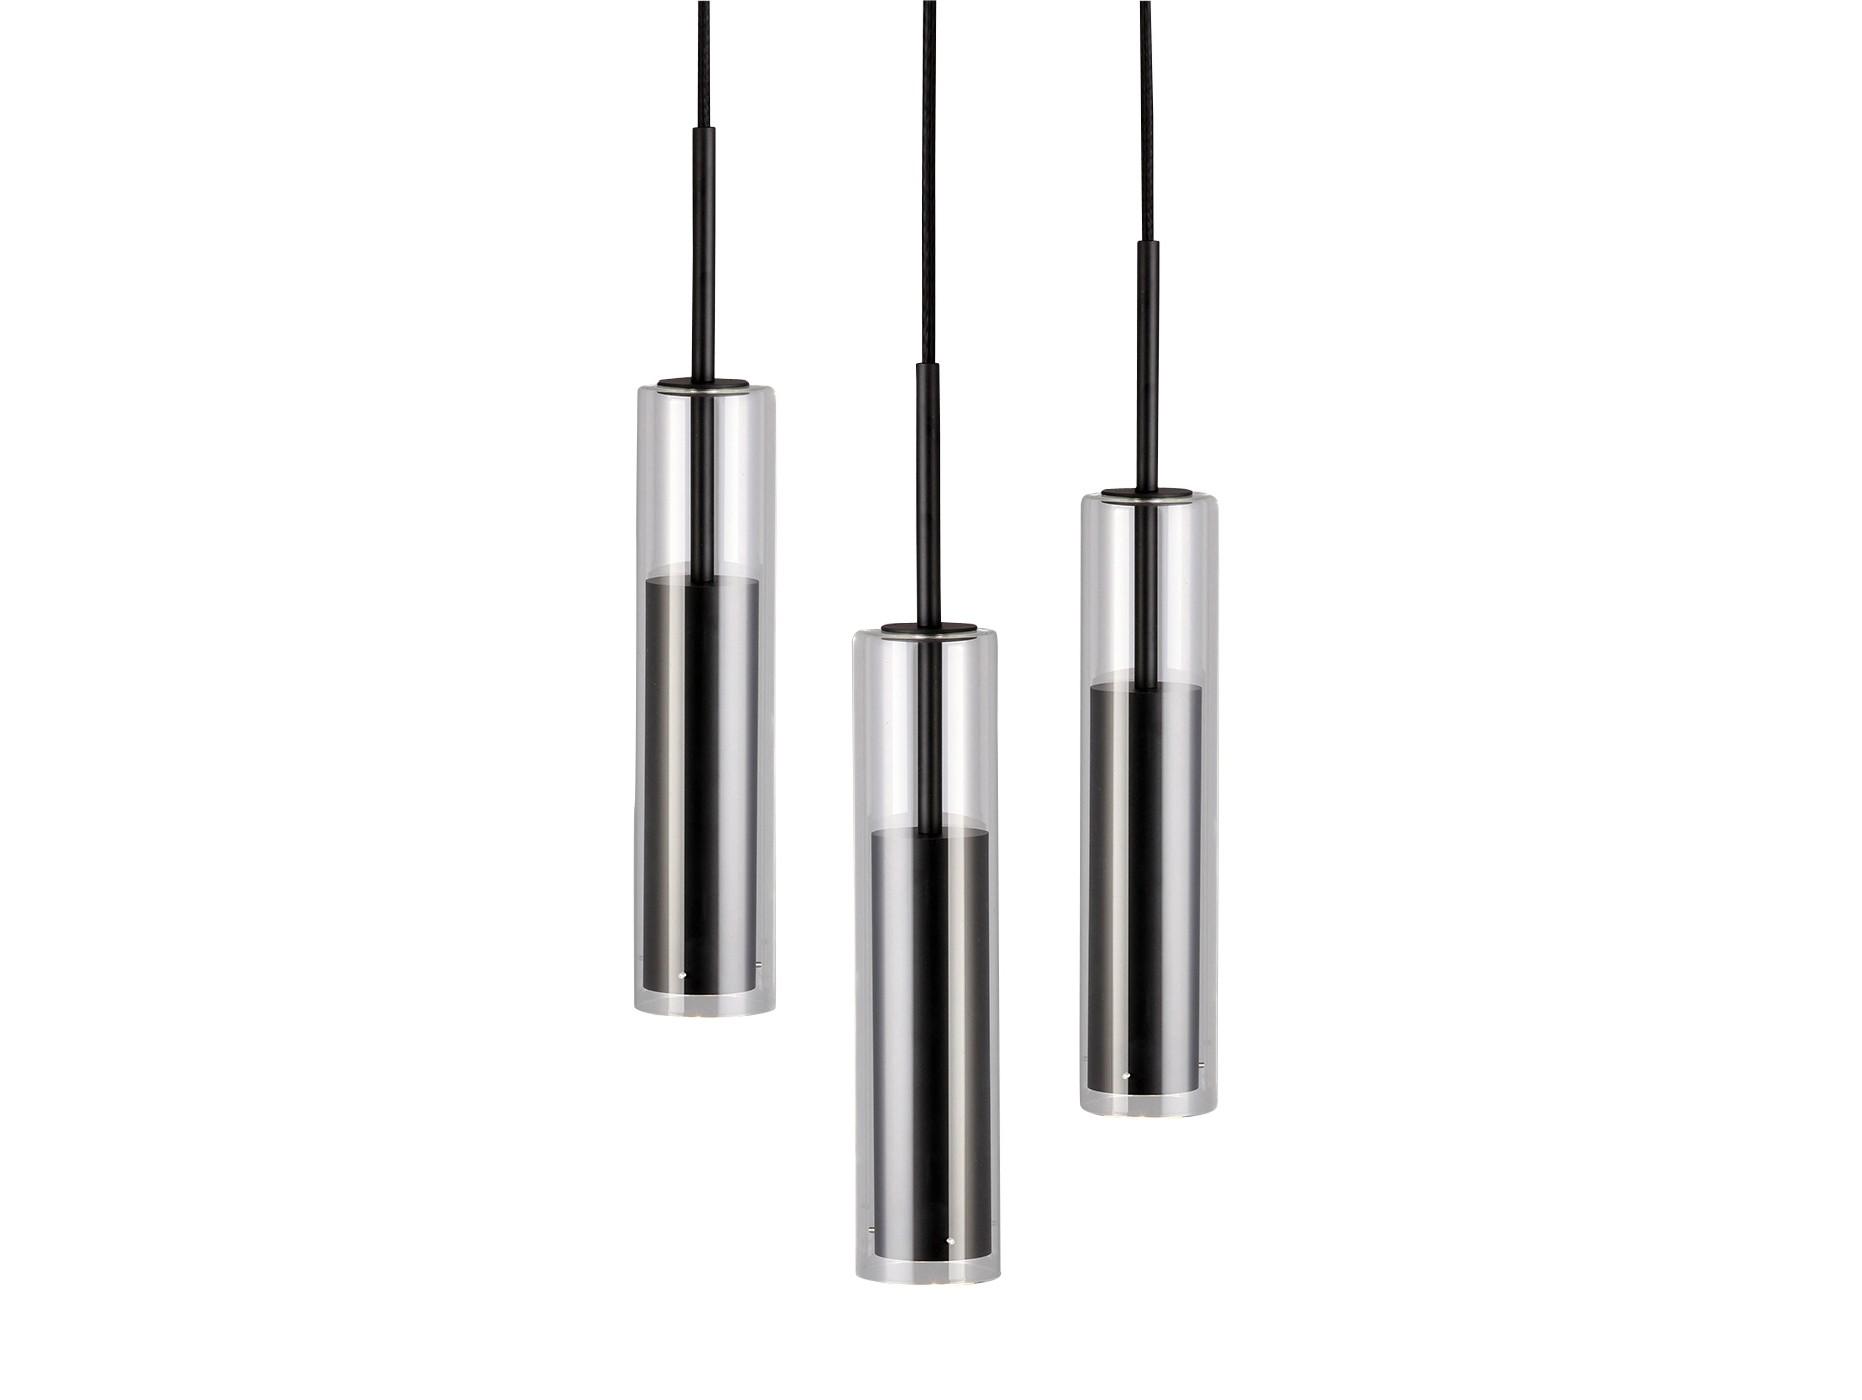 Подвесной светильникПодвесные светильники<br>Подвесной светильник из коллекции ZEGA. Плафоны выполнены в виде колбы из металла матового черного и белого цвета и прозрачного стекла.&amp;lt;div&amp;gt;&amp;lt;br&amp;gt;&amp;lt;/div&amp;gt;&amp;lt;div&amp;gt;&amp;lt;div&amp;gt;Вид цоколя: GU10&amp;lt;/div&amp;gt;&amp;lt;div&amp;gt;Мощность:&amp;amp;nbsp; 50W&amp;lt;/div&amp;gt;&amp;lt;div&amp;gt;Количество ламп: 3 (в комплекте)&amp;lt;/div&amp;gt;&amp;lt;/div&amp;gt;<br><br>Material: Стекло<br>Ширина см: 20.0<br>Высота см: 150.0<br>Глубина см: 20.0